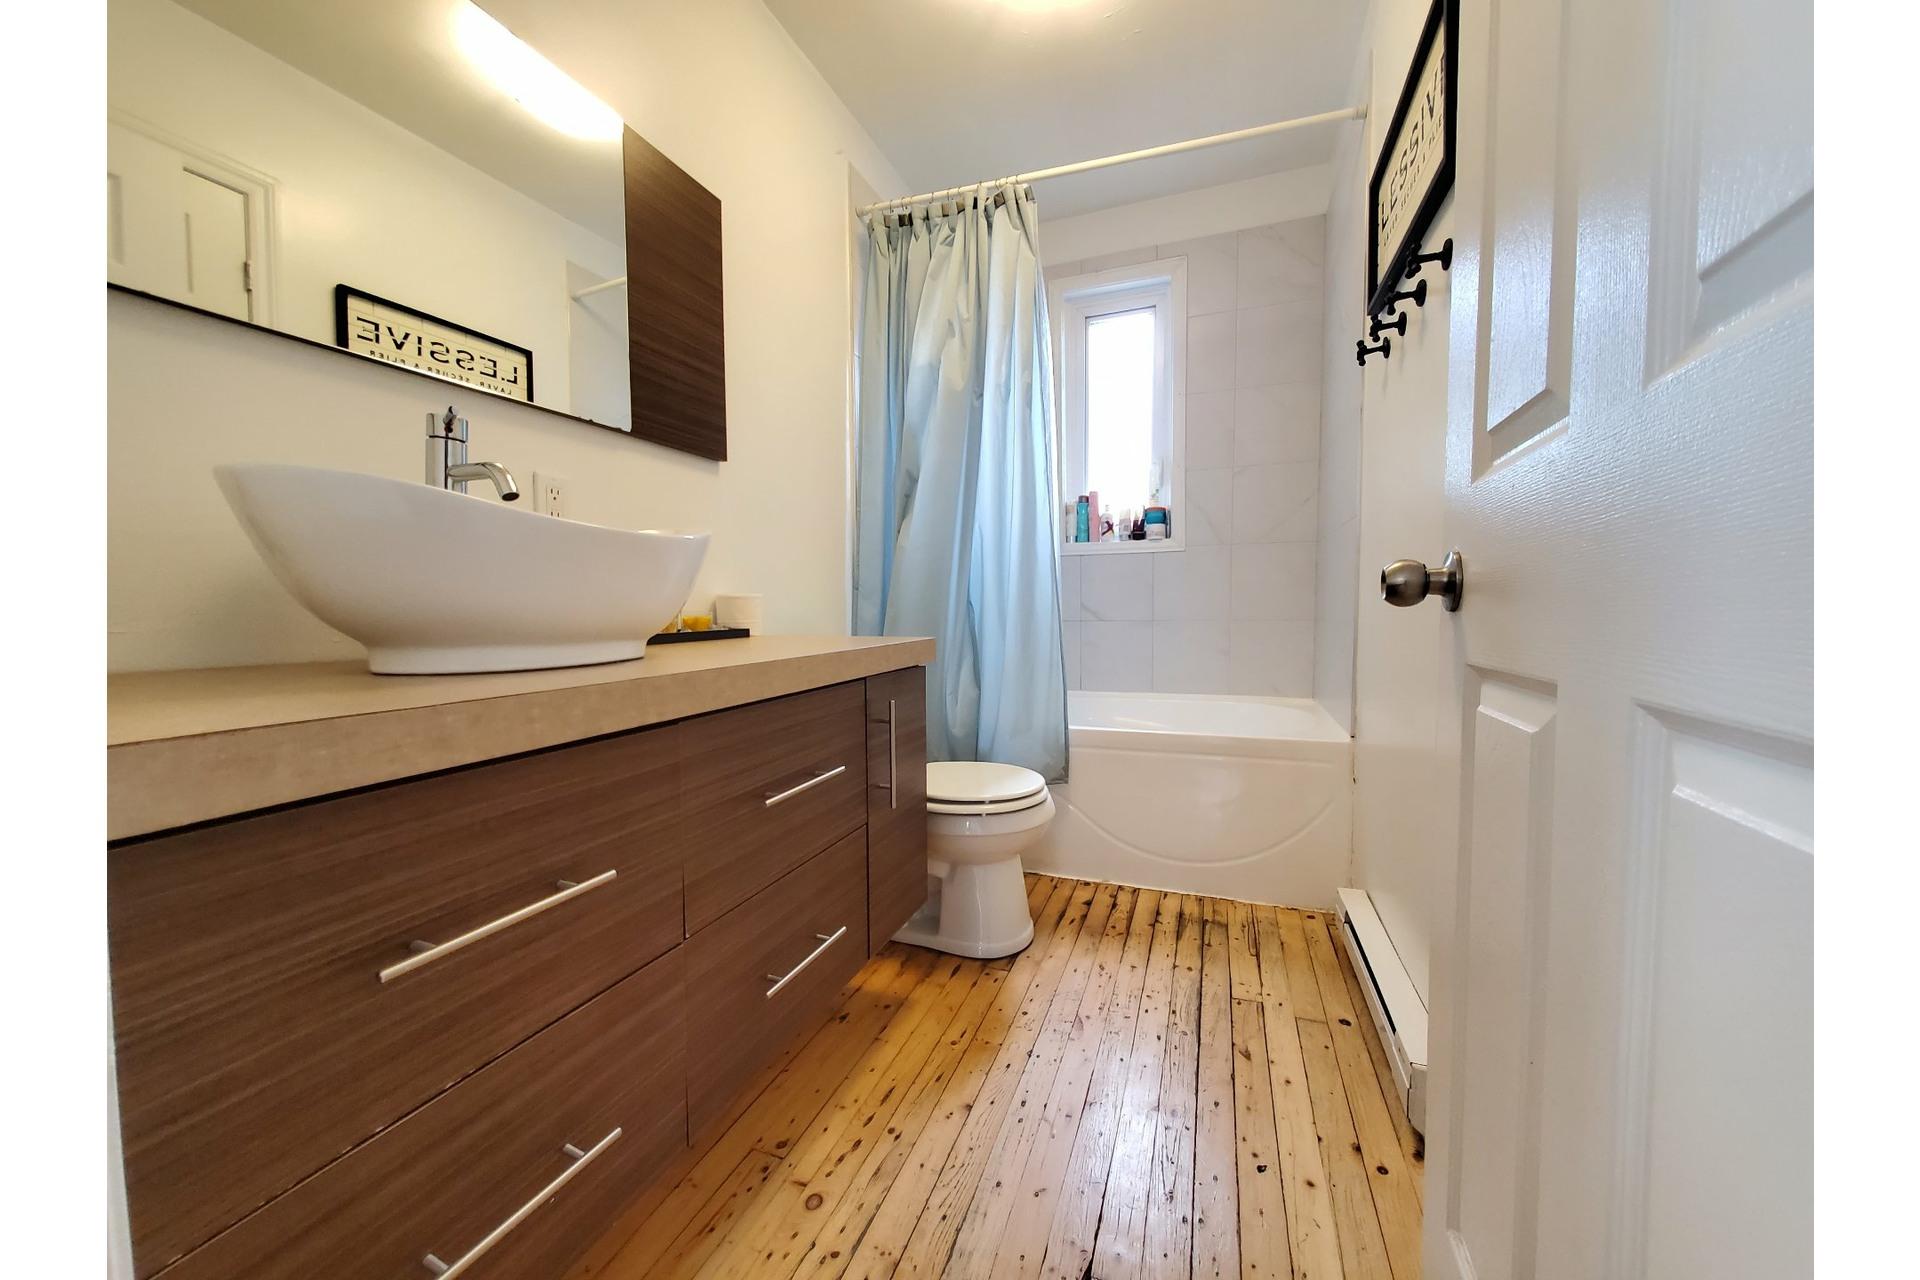 image 25 - Duplex For sale Trois-Rivières - 9 rooms